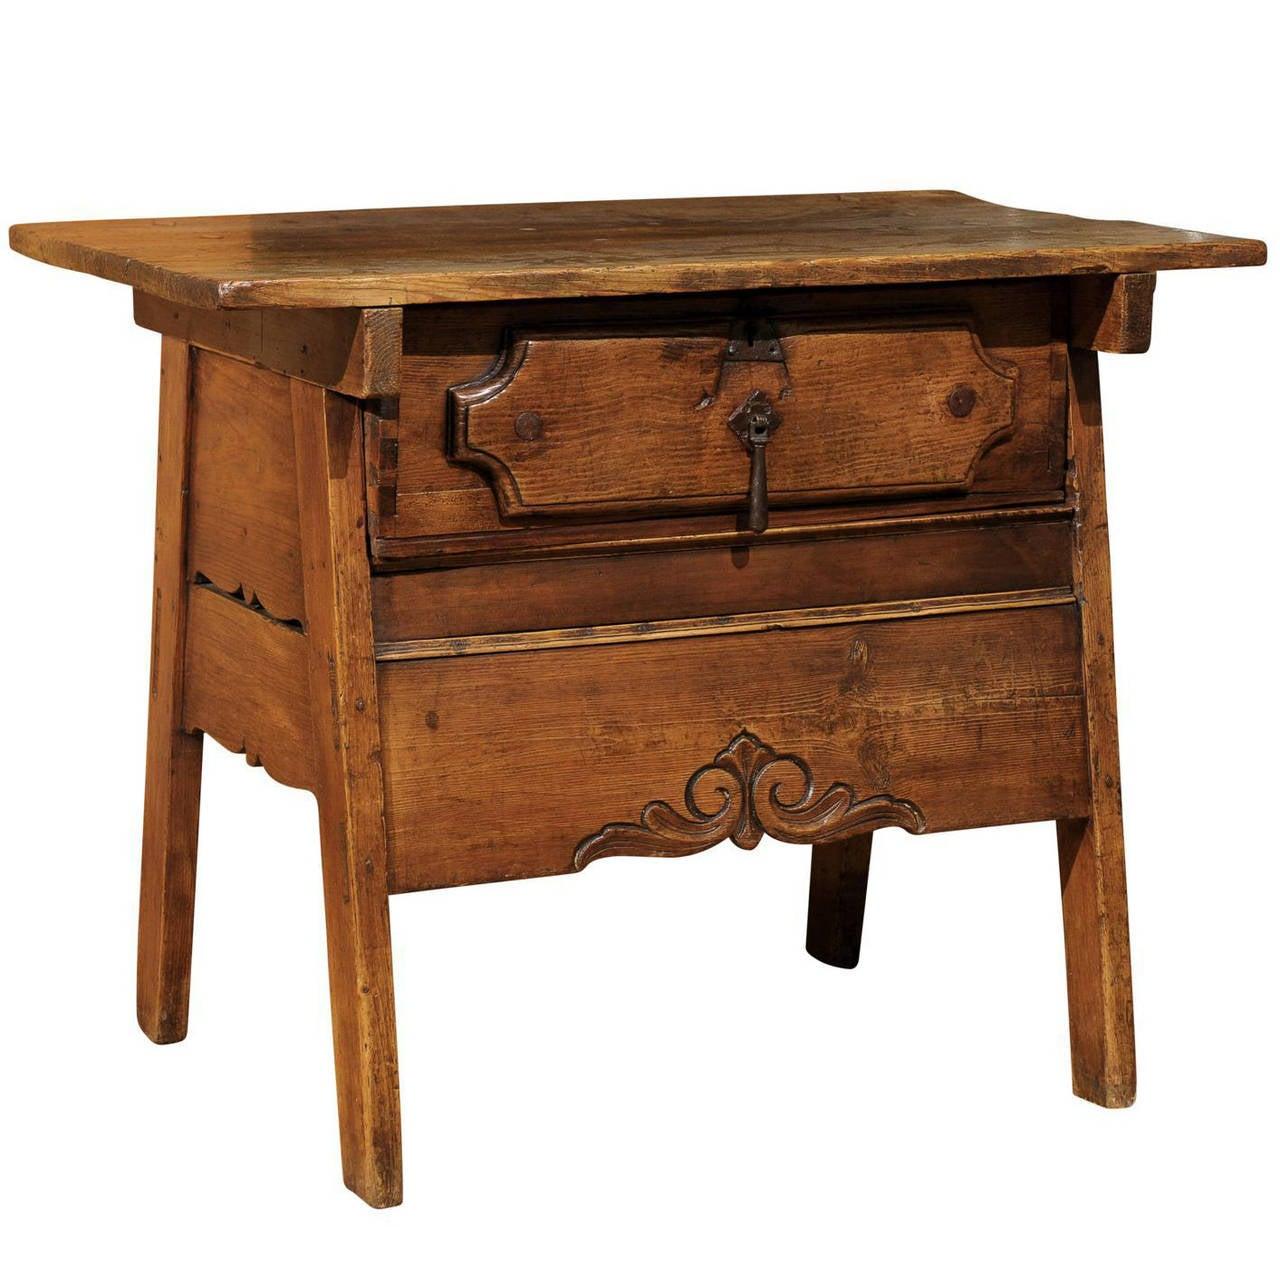 eastern european side table for sale at 1stdibs. Black Bedroom Furniture Sets. Home Design Ideas